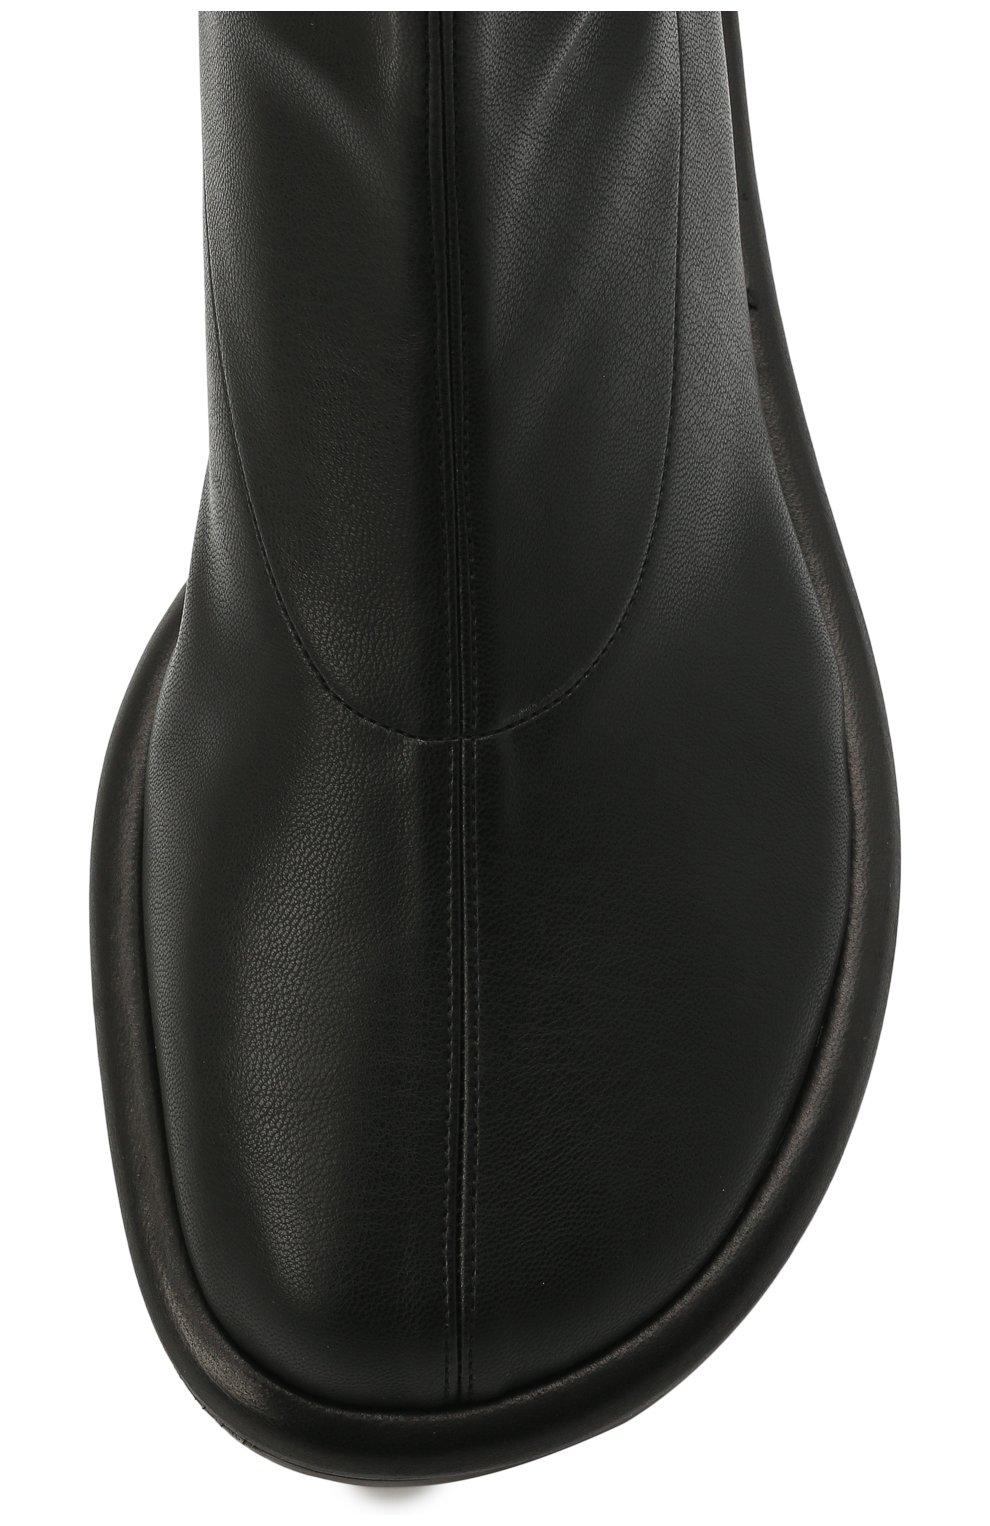 Женские комбинированные ботфорты PROENZA SCHOULER черного цвета, арт. PS36004B/13050 | Фото 5 (Материал внешний: Экокожа, Текстиль; Каблук высота: Низкий; Высота голенища: Высокие; Материал внутренний: Натуральная кожа; Каблук тип: Устойчивый; Подошва: Плоская)